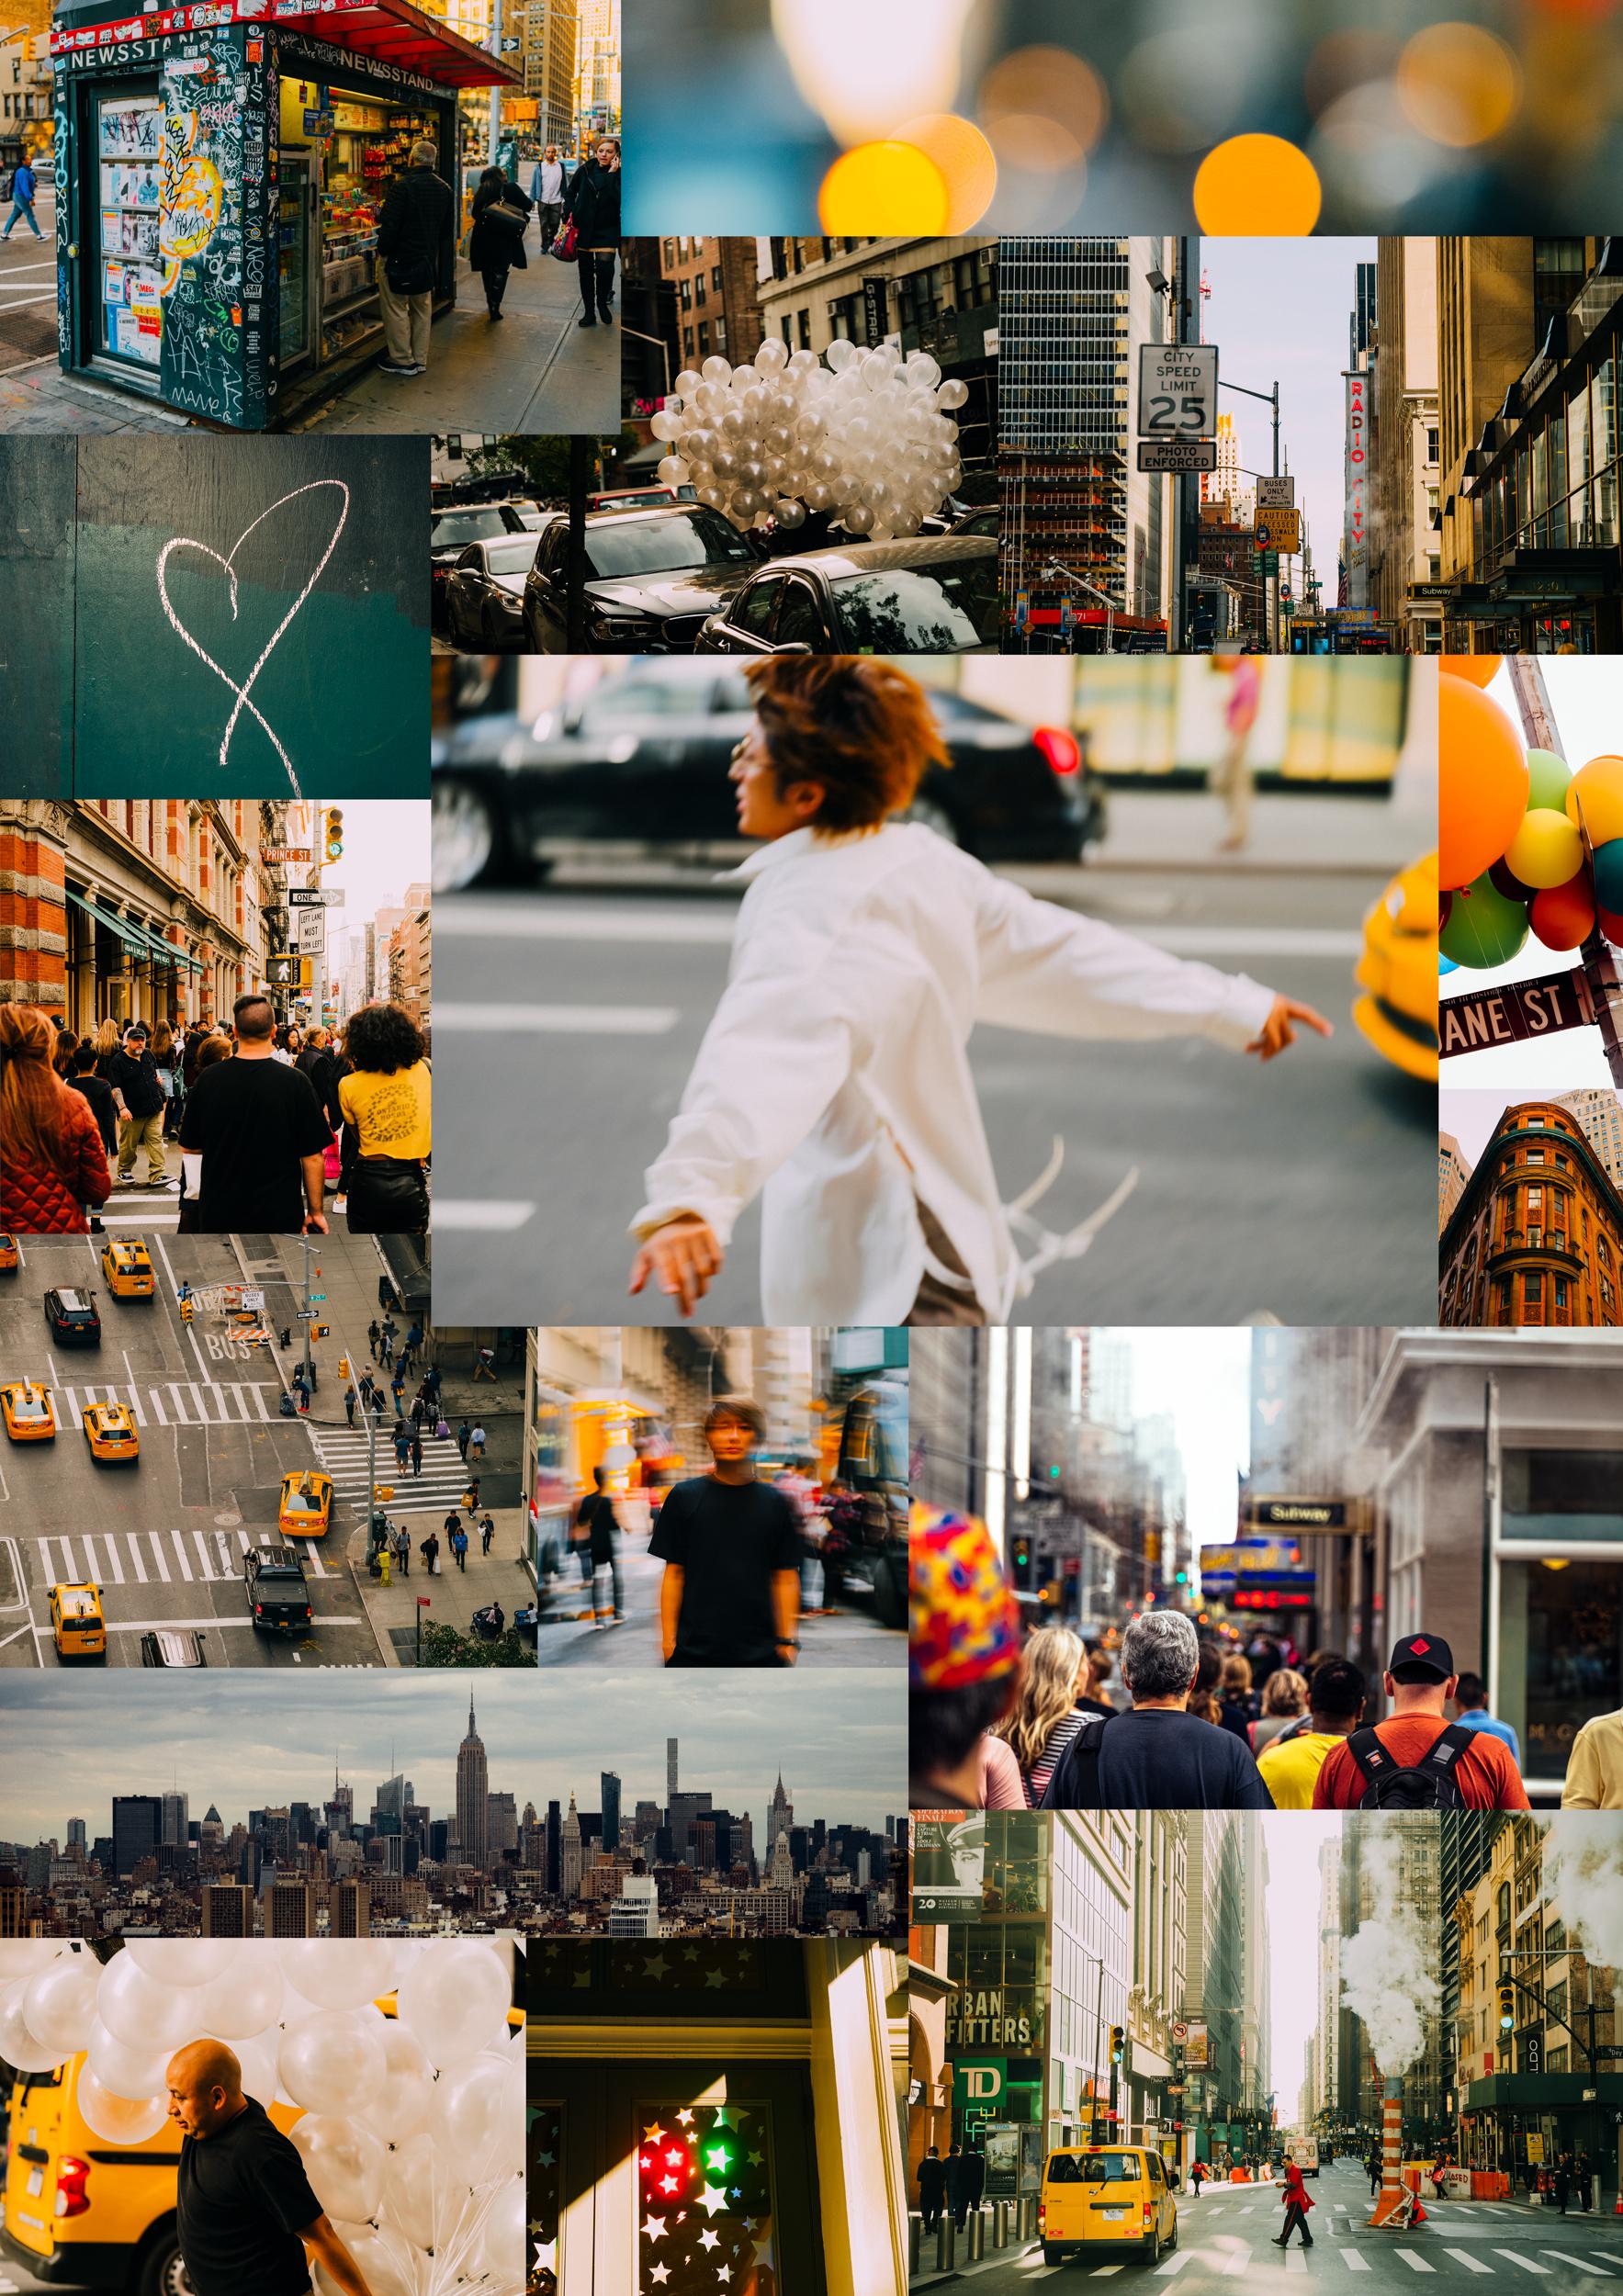 Nissy_NEWYORK_LOVE.jpg